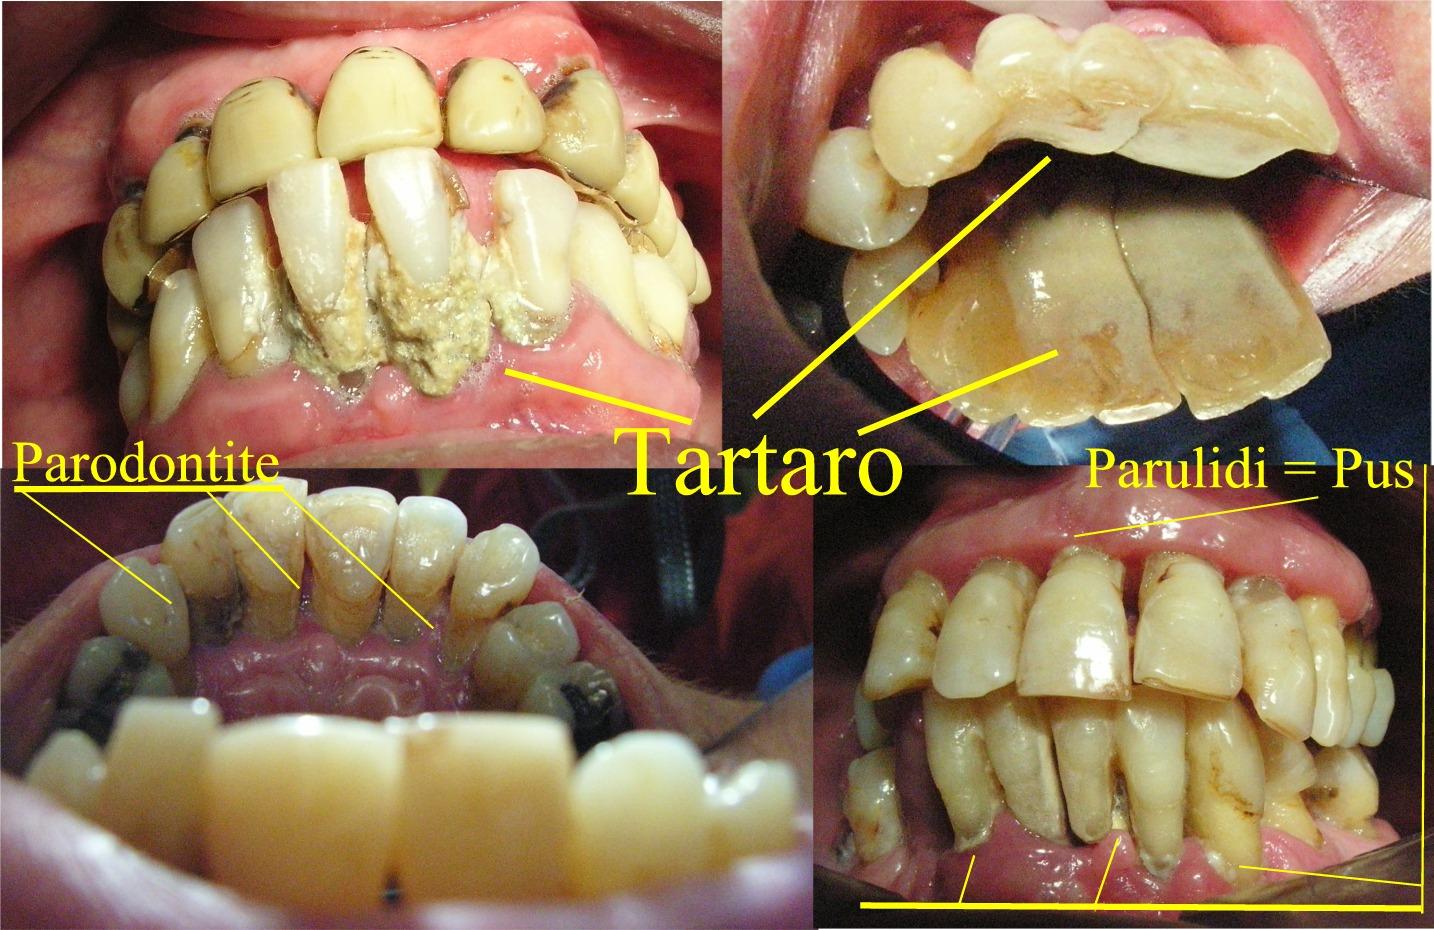 Parodontite con depositi di tartaro datanti anni e anni. Dr. Gustavo Petti Parodontologo di Cagliari